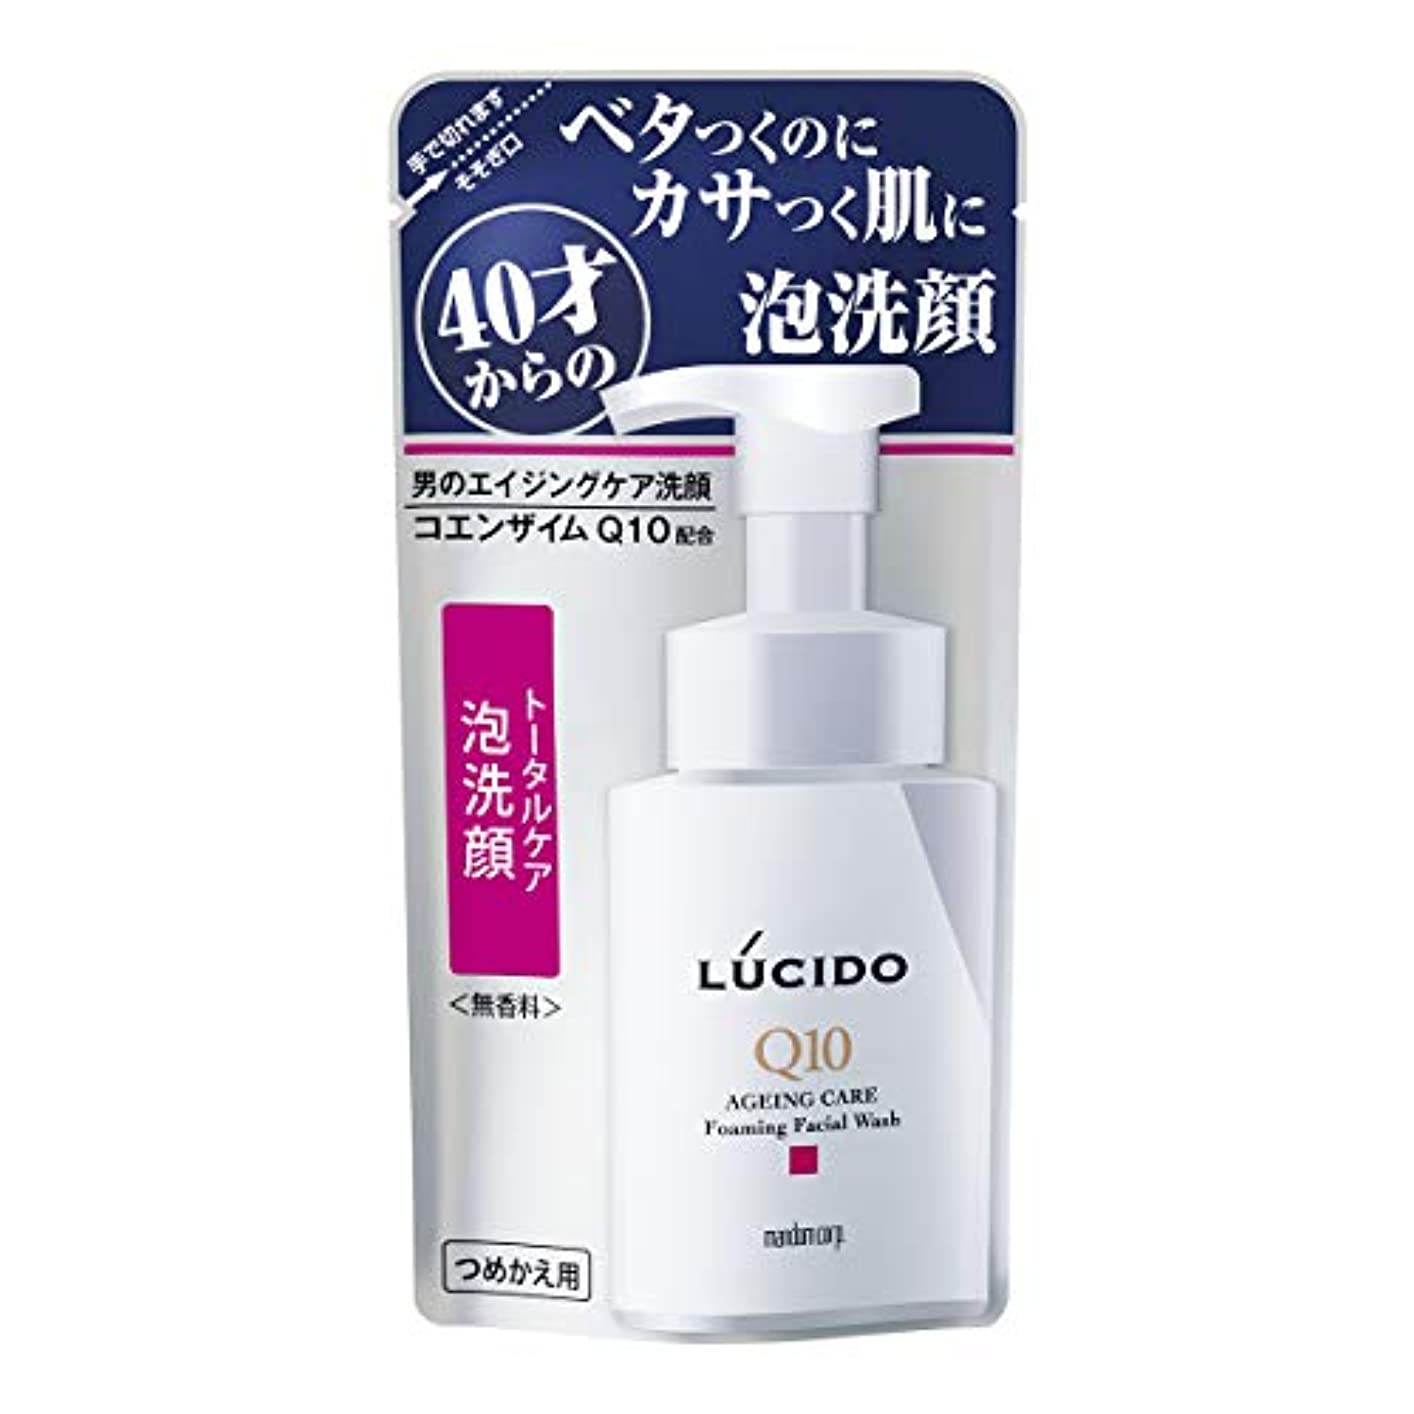 キャンセル彼のくしゃみLUCIDO(ルシード) トータルケア泡洗顔 つめかえ用 Q10 130mL